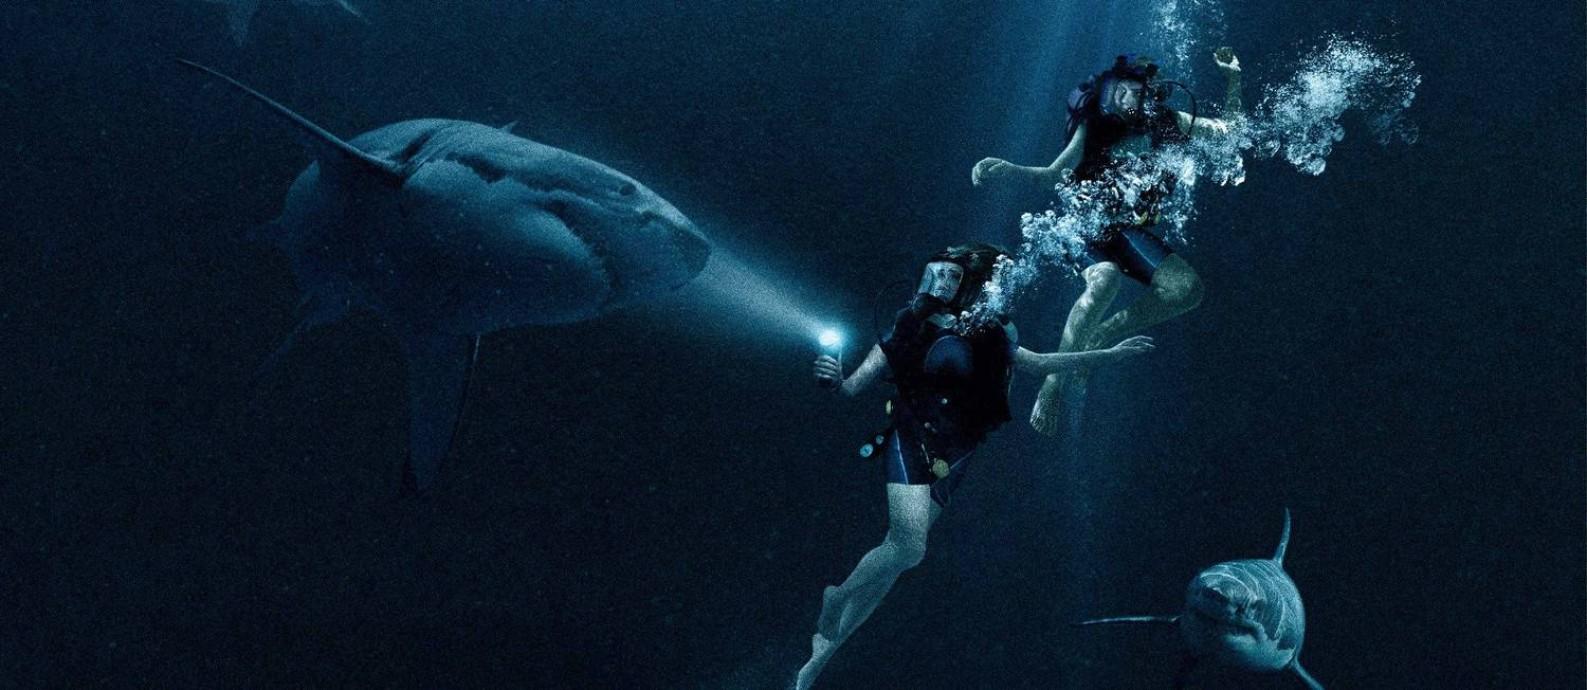 Cena do filme 'Medo profundo' Foto: Divulgação